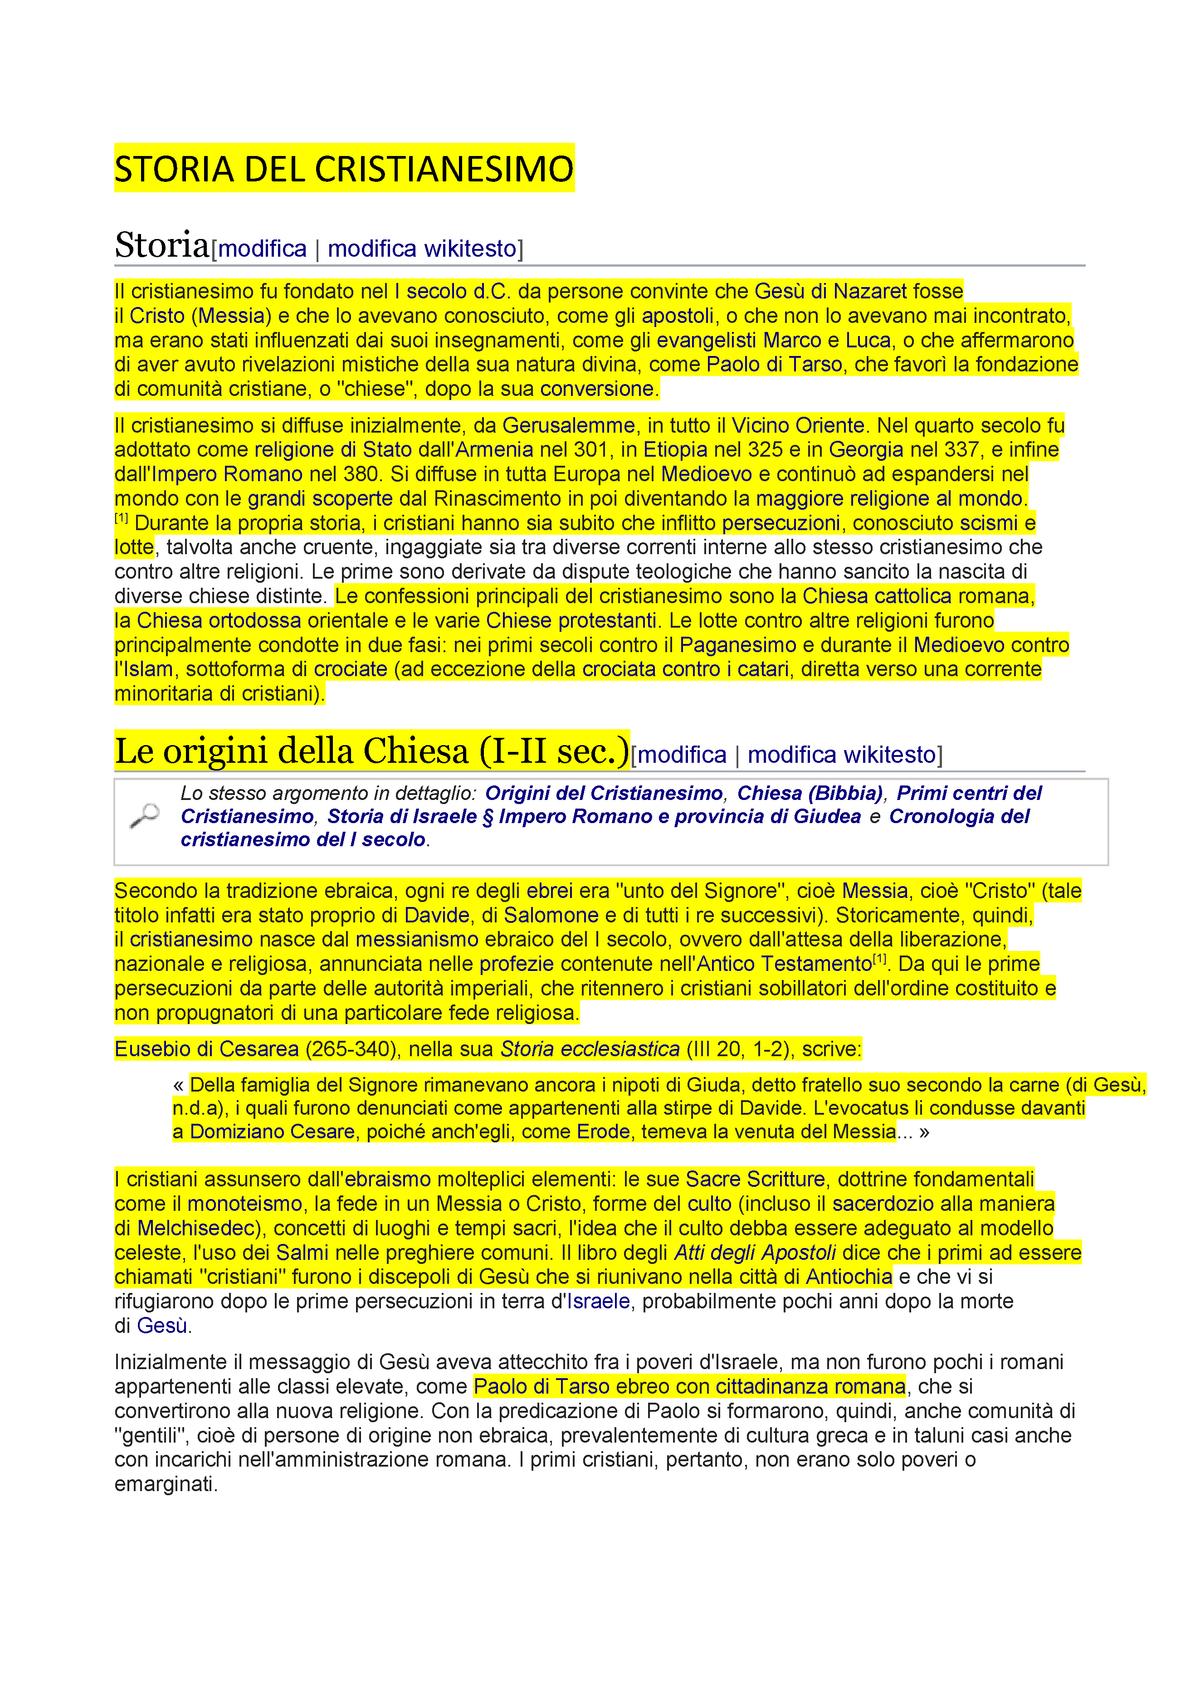 Calendario Persiano Conversione.Storia Del Cristianesimo Acc 823 Accounting Seminar Studocu